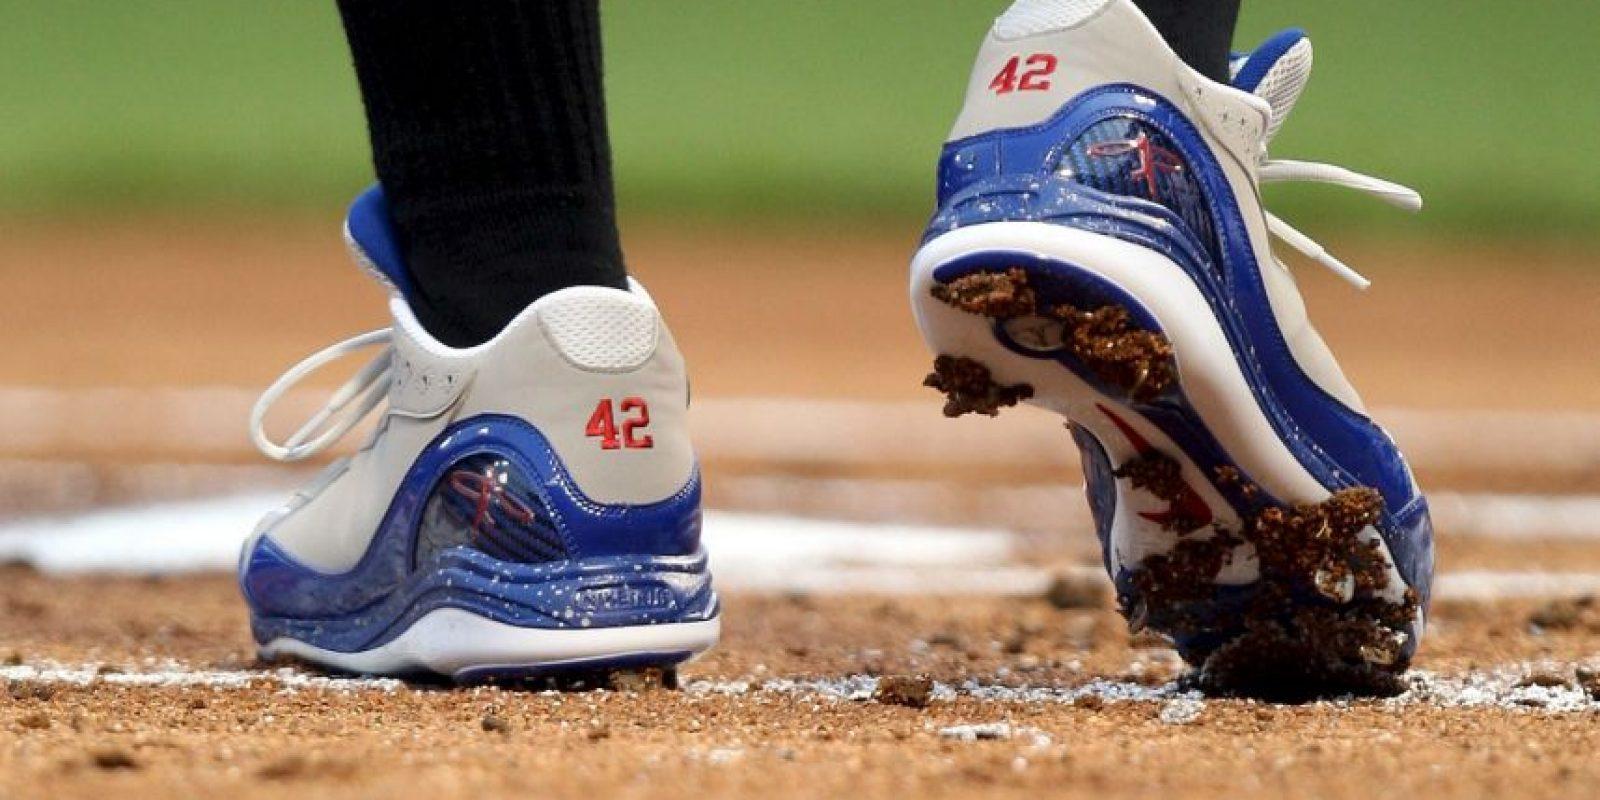 Jackie recibió insultos de las gradas, los pitchers rivales le lanzaban a la cara y sus demás contrincantes le escupían en los zapatos, pero eso no lo detuvo. Foto:Getty Images